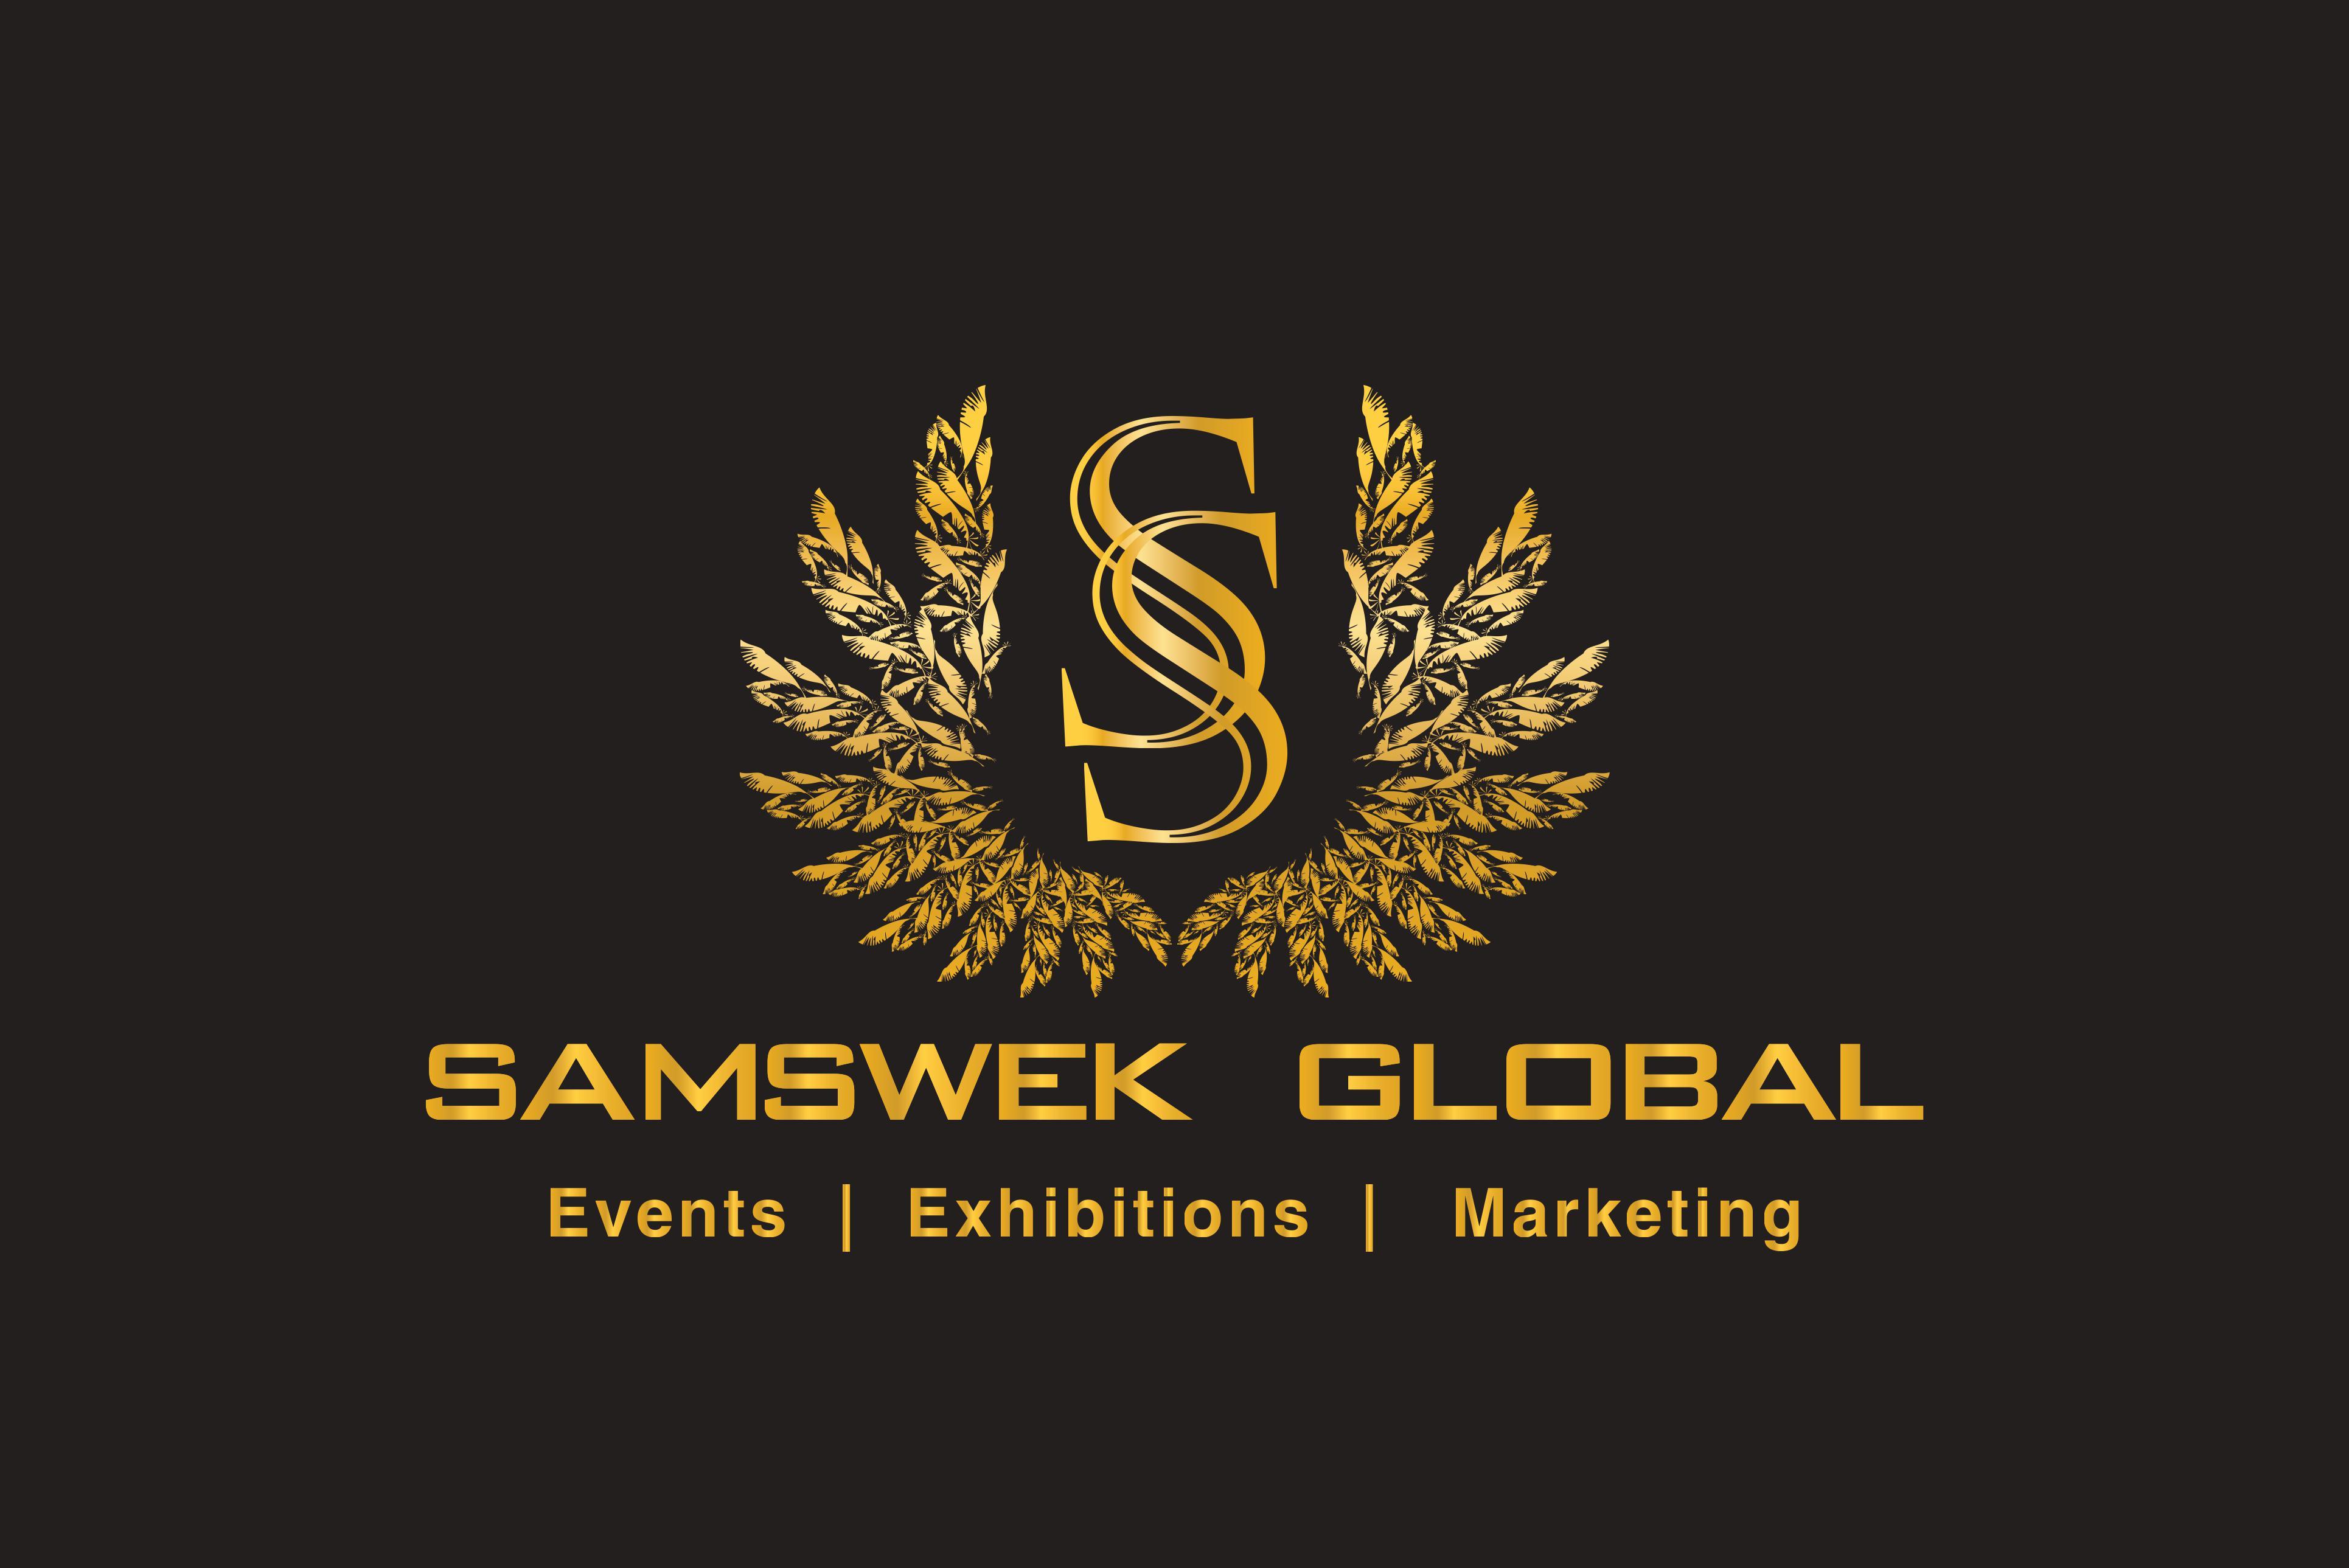 Samswek Global Events